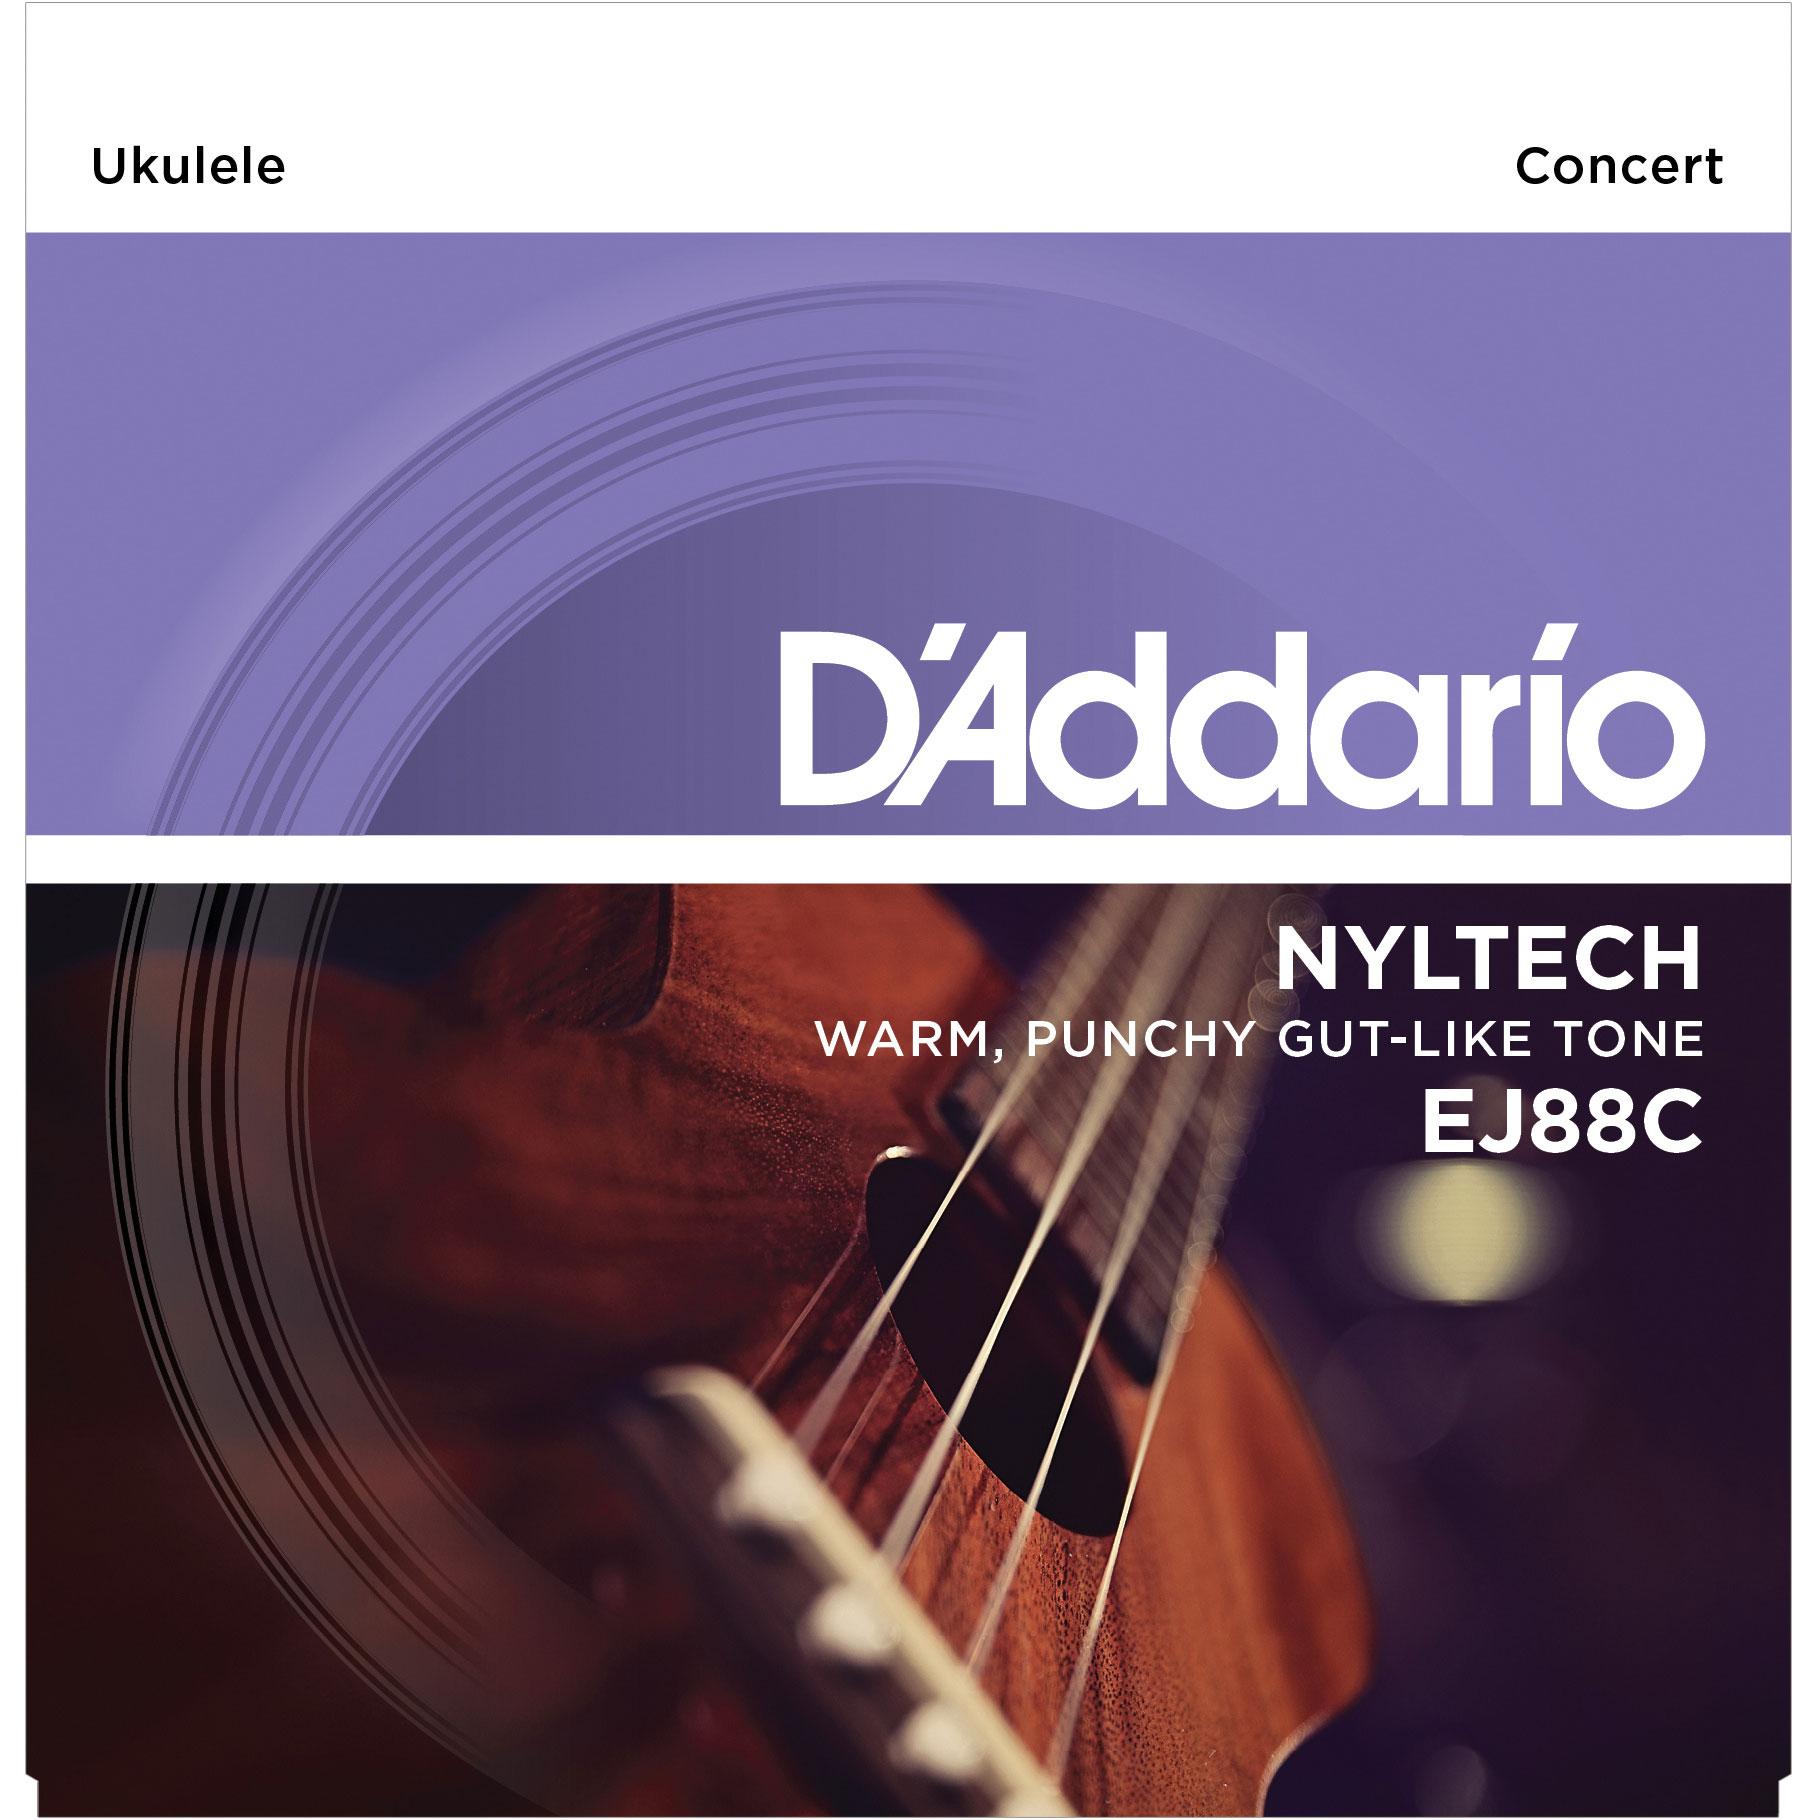 DADDARIO EJ88C NYLTECH CONCERT